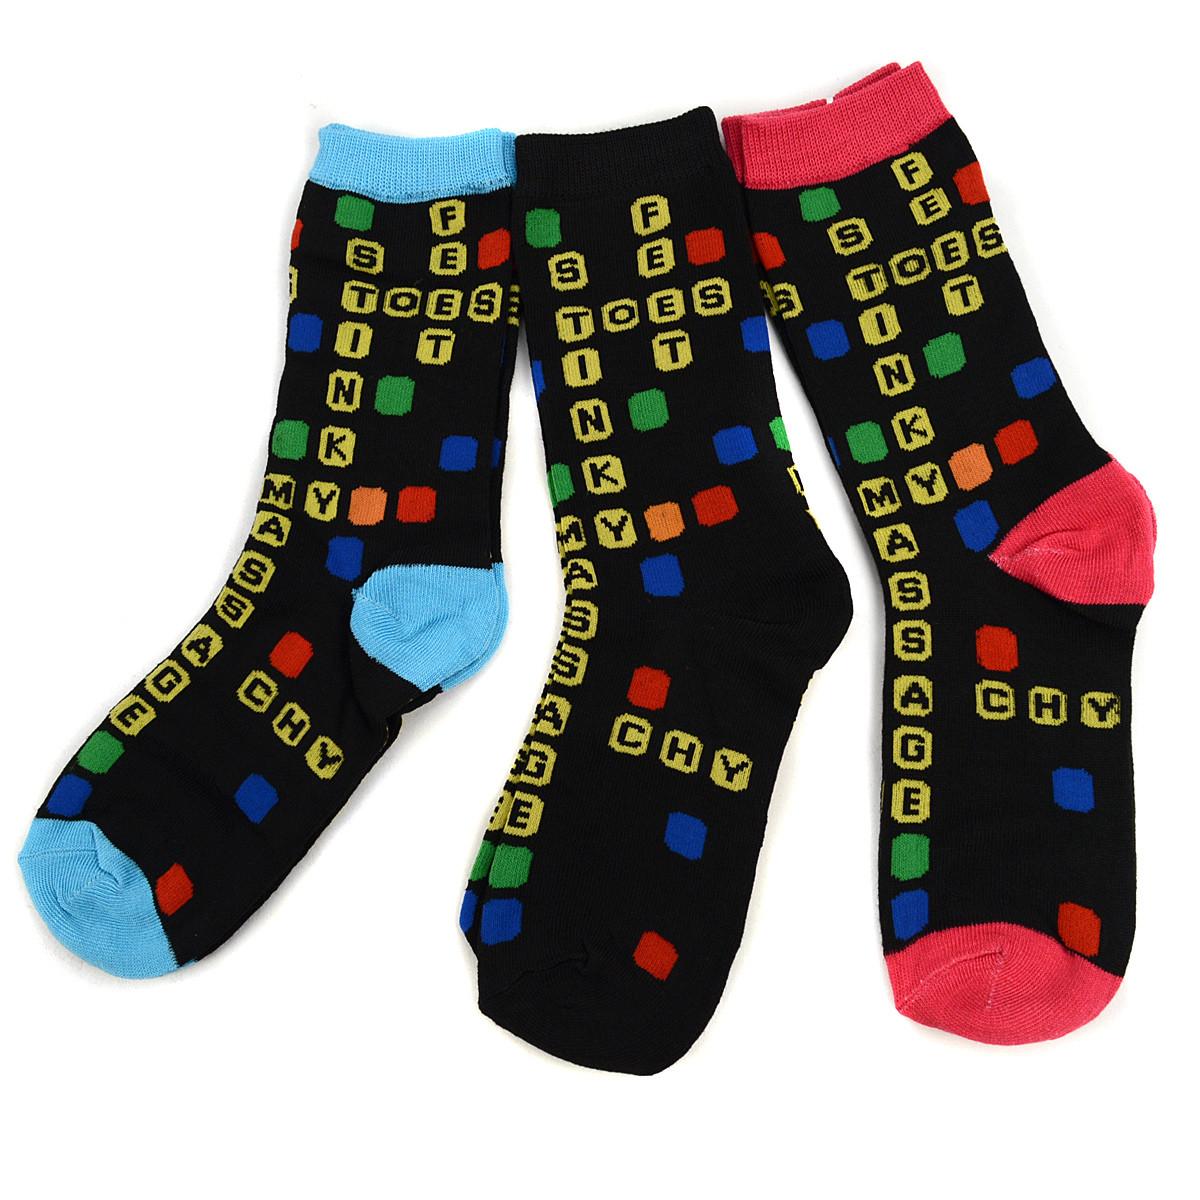 4-Packs (3 pairs/pack) Women's Scrabbl Novelty Socks 3PKSWCS-538